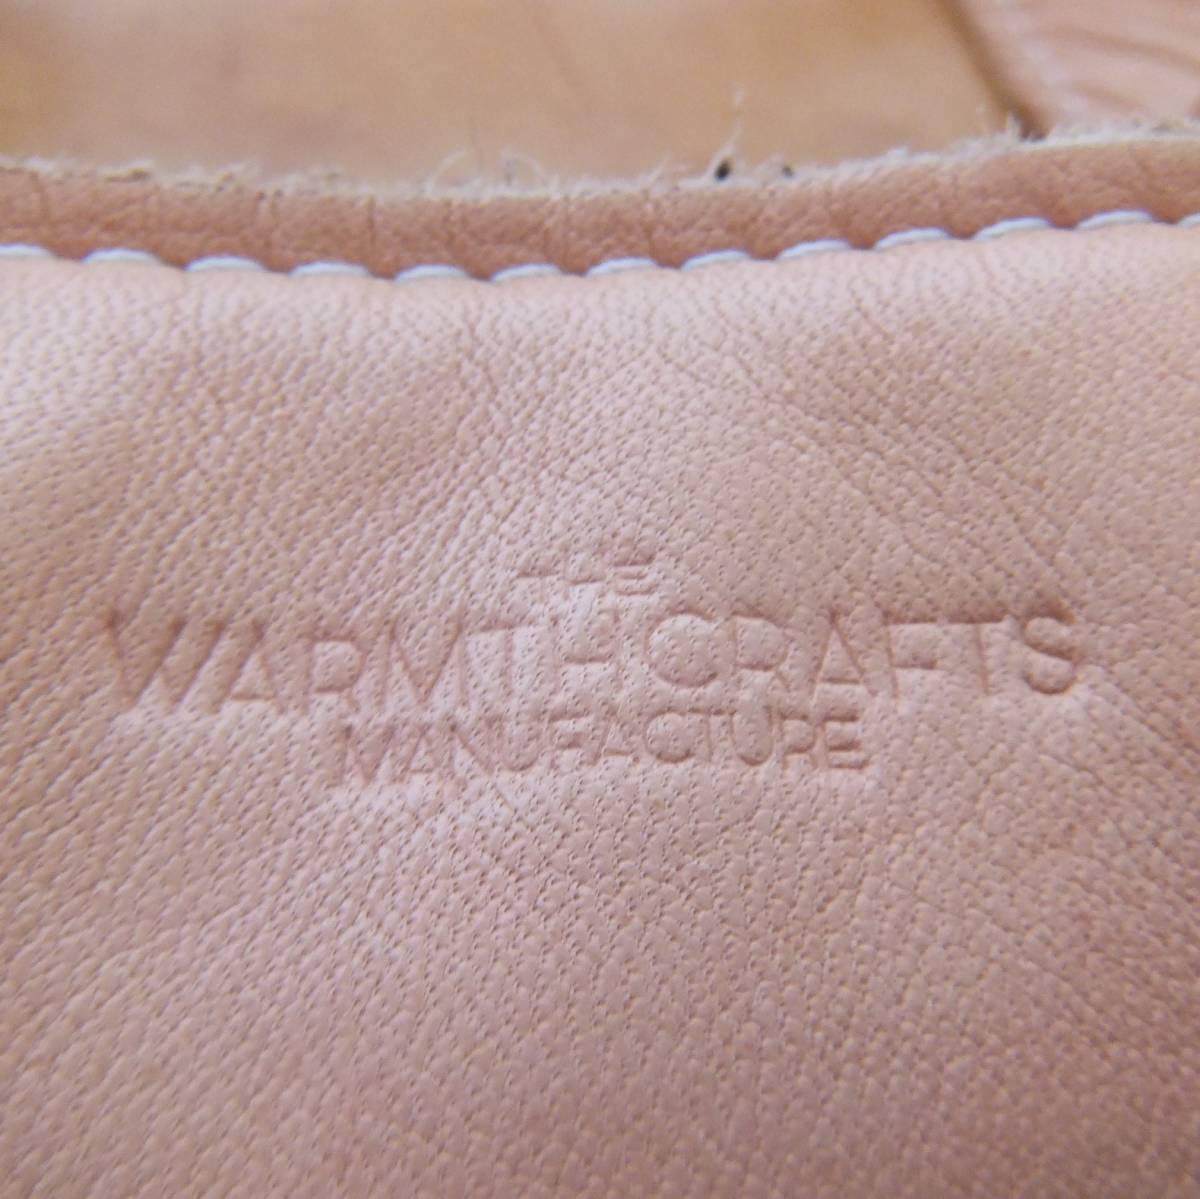 The warmthcrafts manufacture ウォームスクラフツ マニュファクチャー 2016ss ホースハイド レザー 2wayショルダーバッグ トートバッグ _画像4